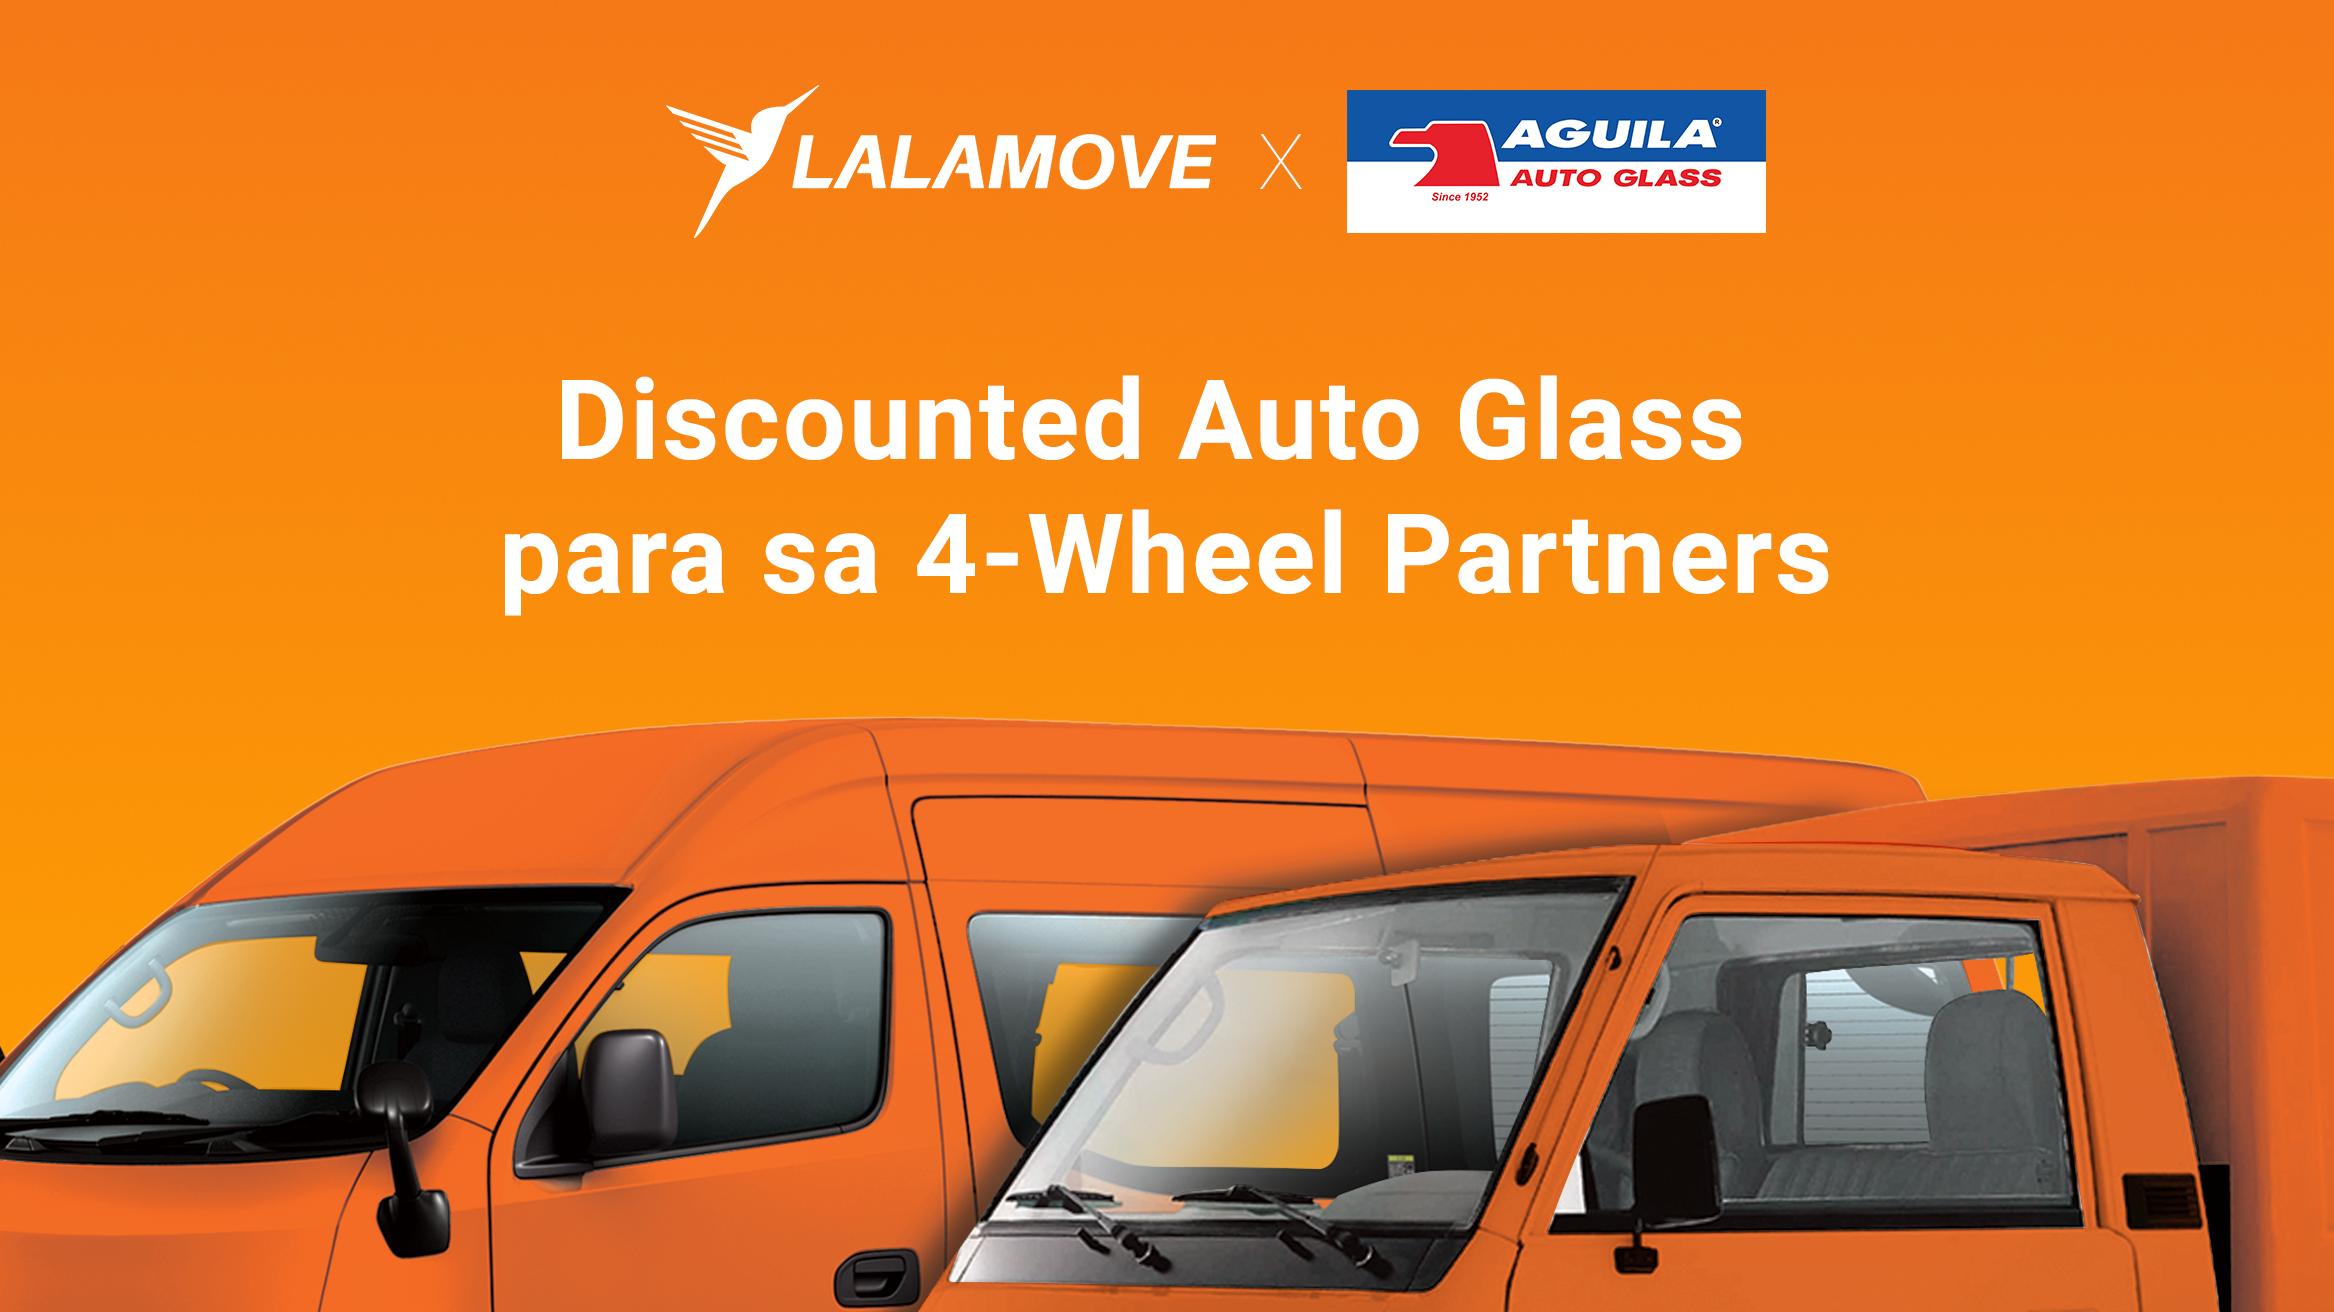 PANALOMOVE: Mas murang auto glass para sa mga 4-wheel Partner Driver